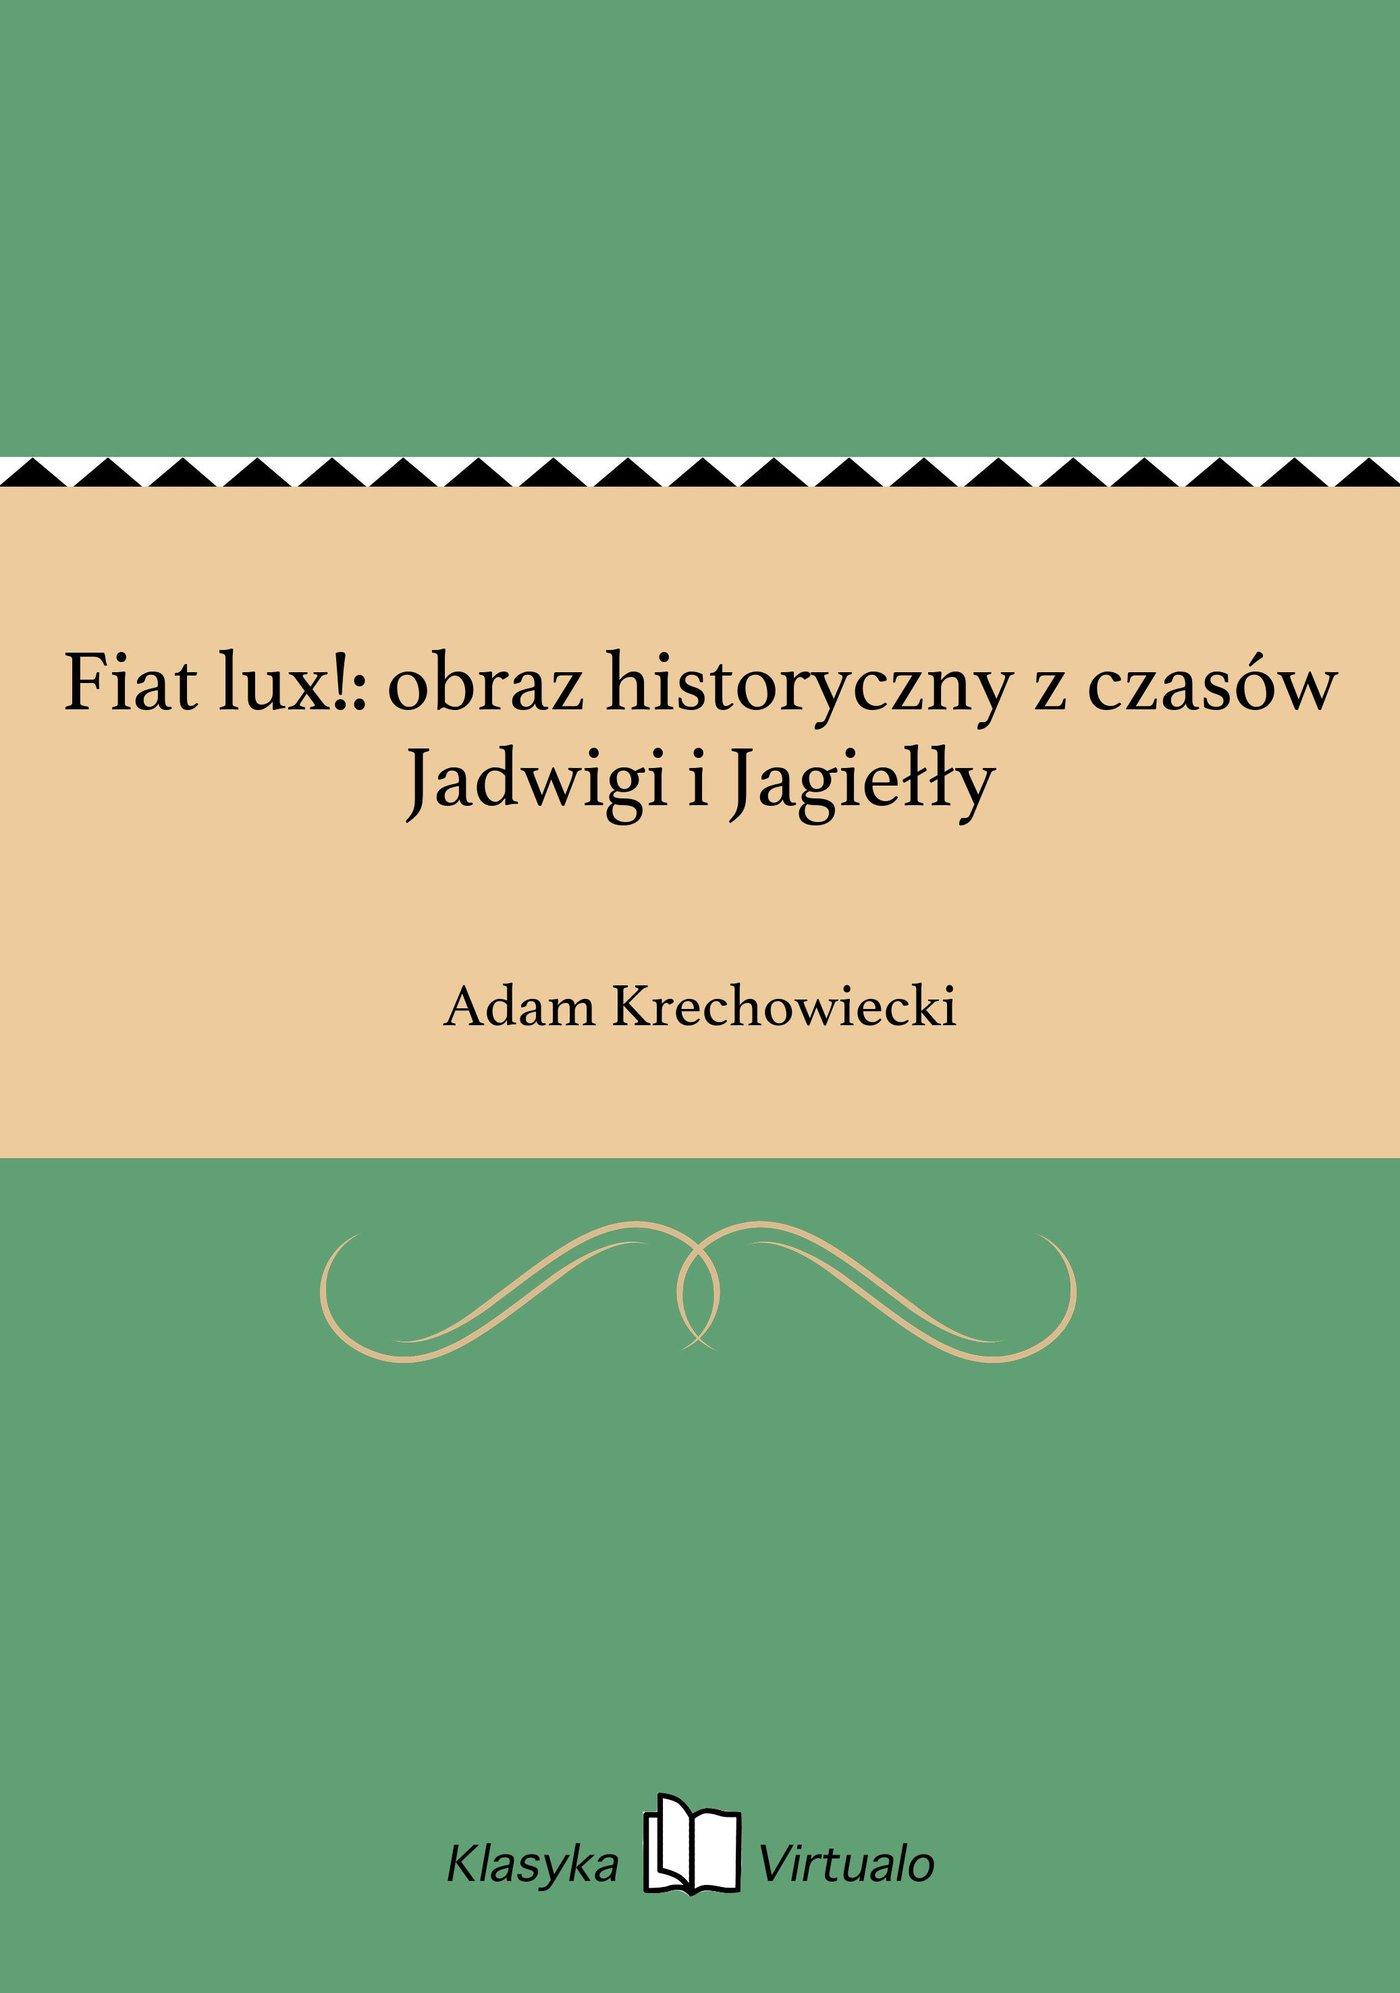 Fiat lux!: obraz historyczny z czasów Jadwigi i Jagiełły - Ebook (Książka EPUB) do pobrania w formacie EPUB